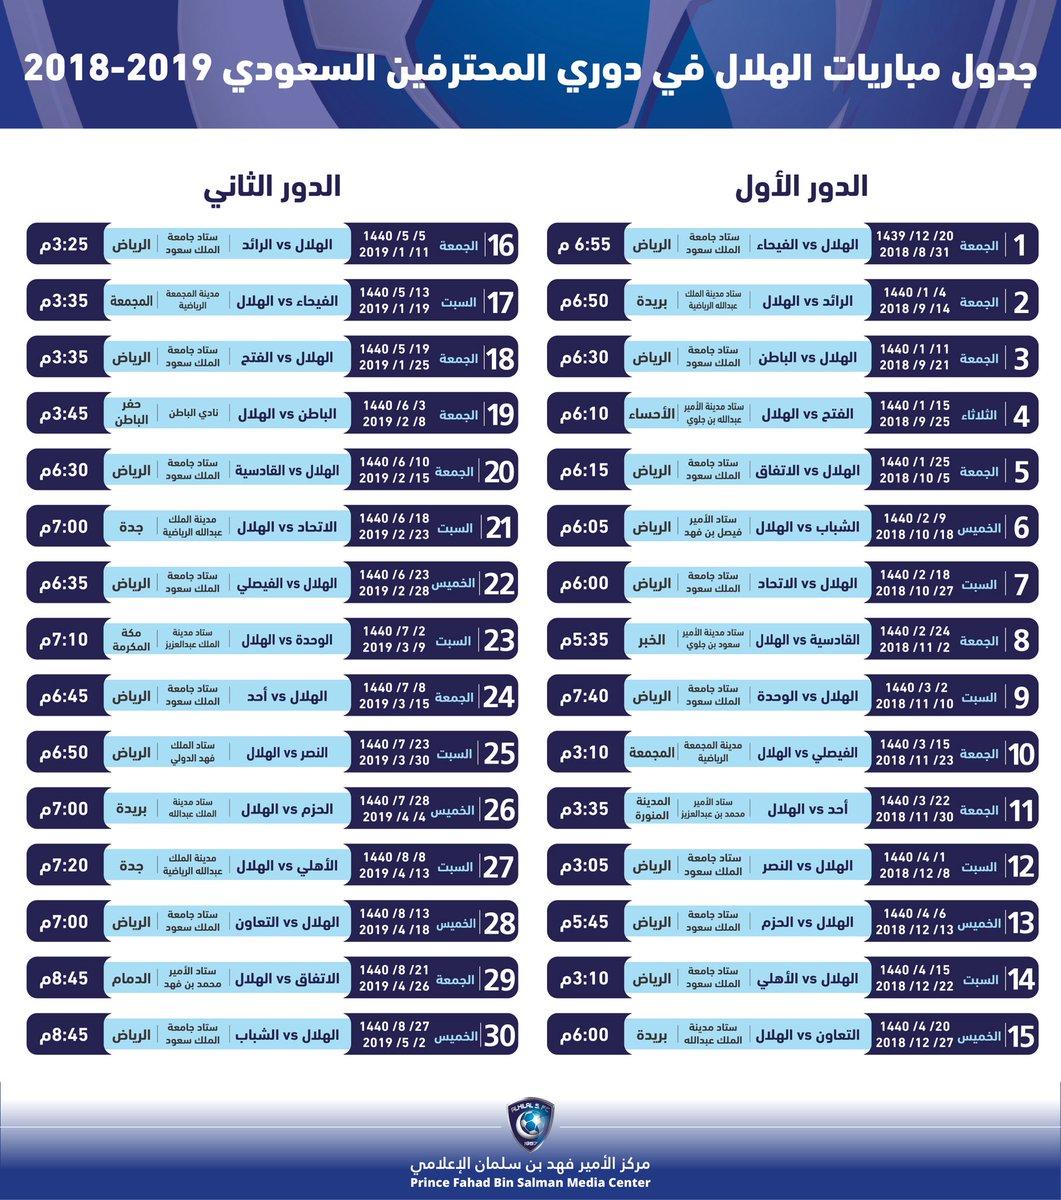 جدول مباريات اليوم في الدوري السعودي